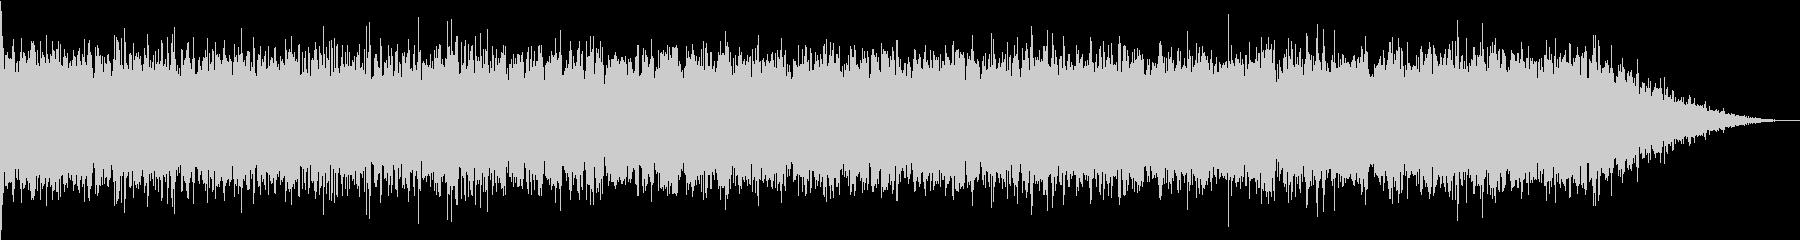 ピューン:ワープする音の未再生の波形